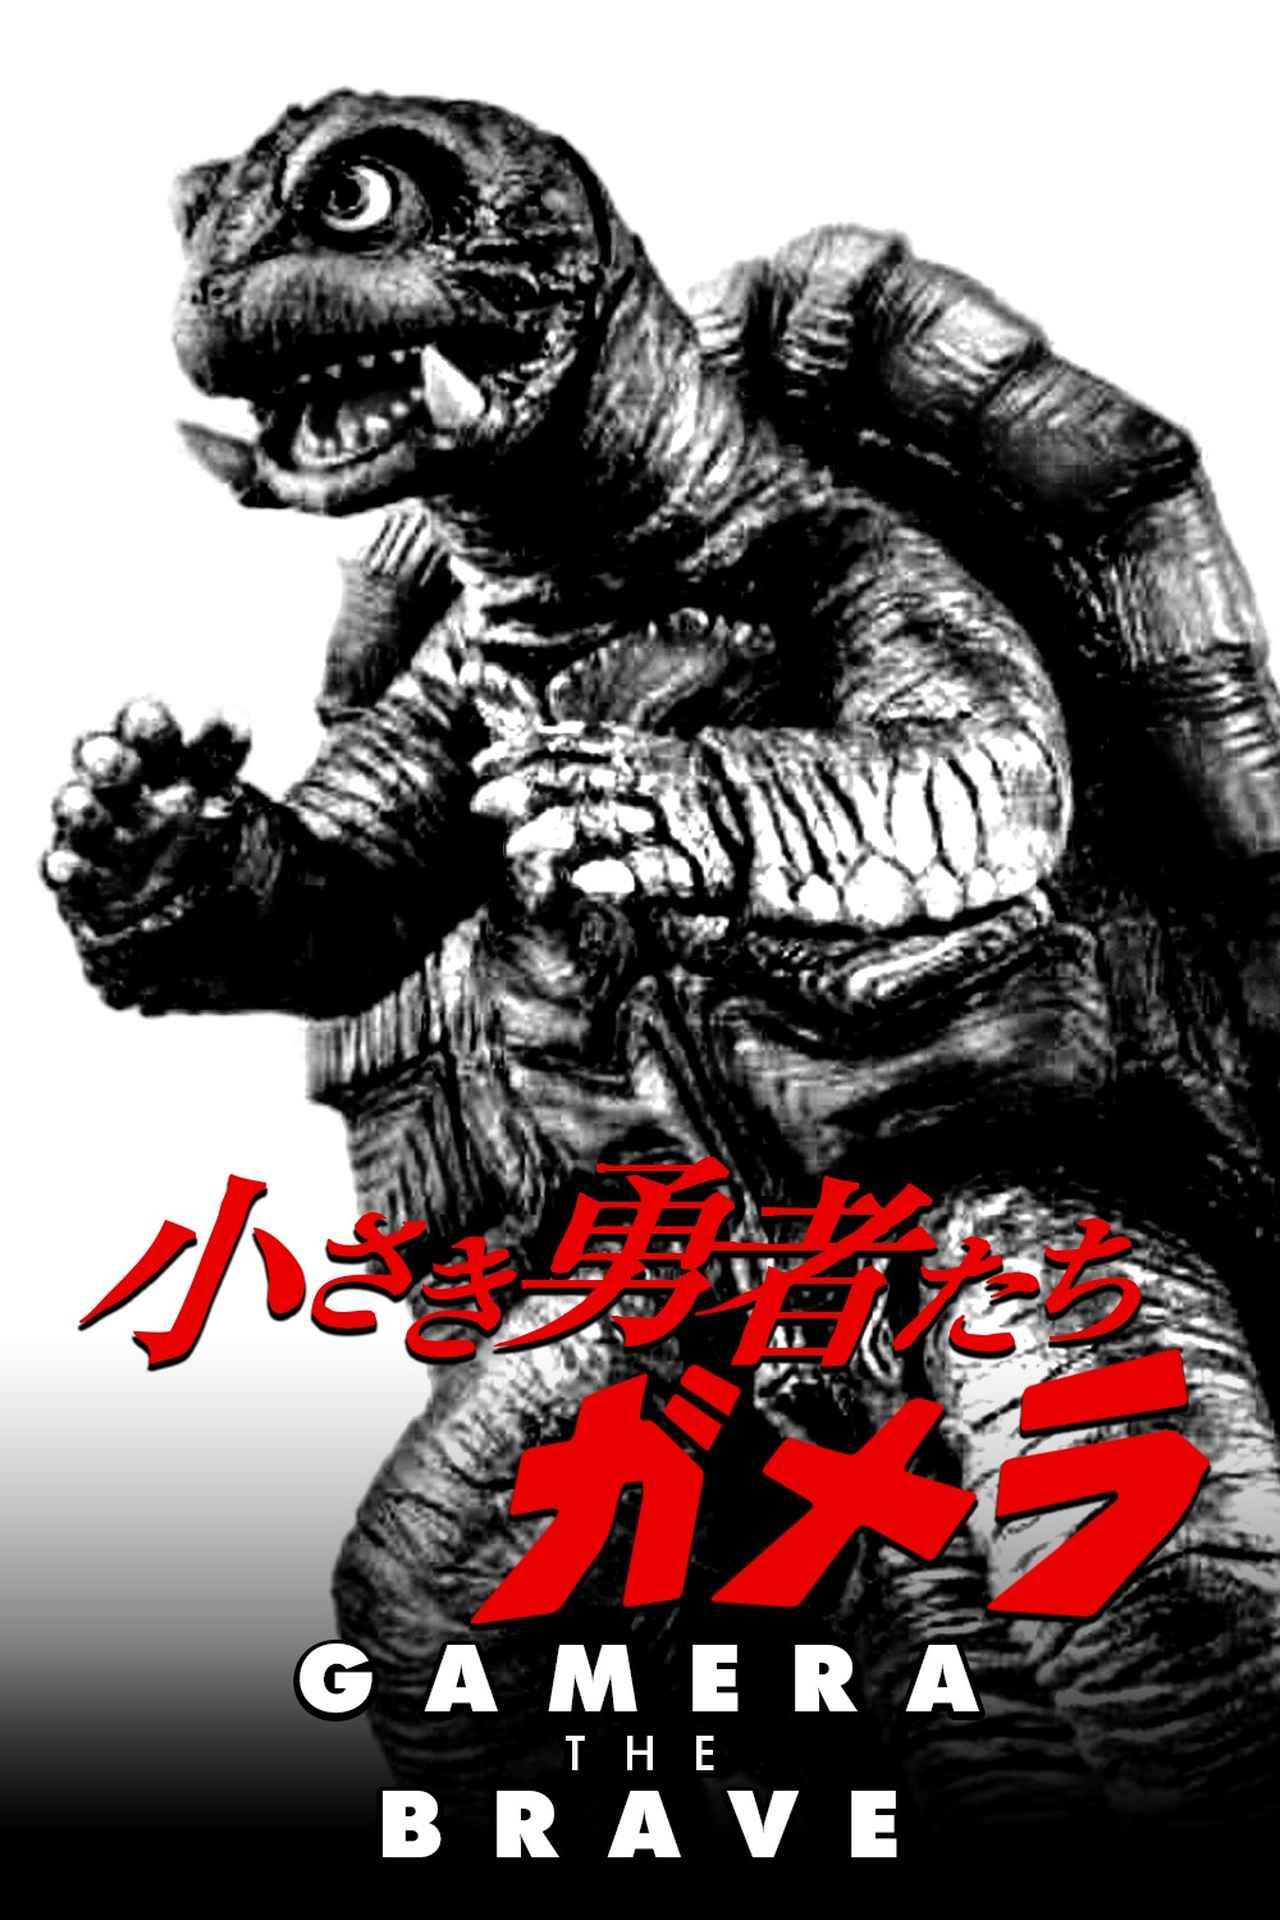 画像: 小さき勇者たち ~ガメラ~ 2006 監督:田崎竜太 出演:富岡涼 夏帆 津田寛治